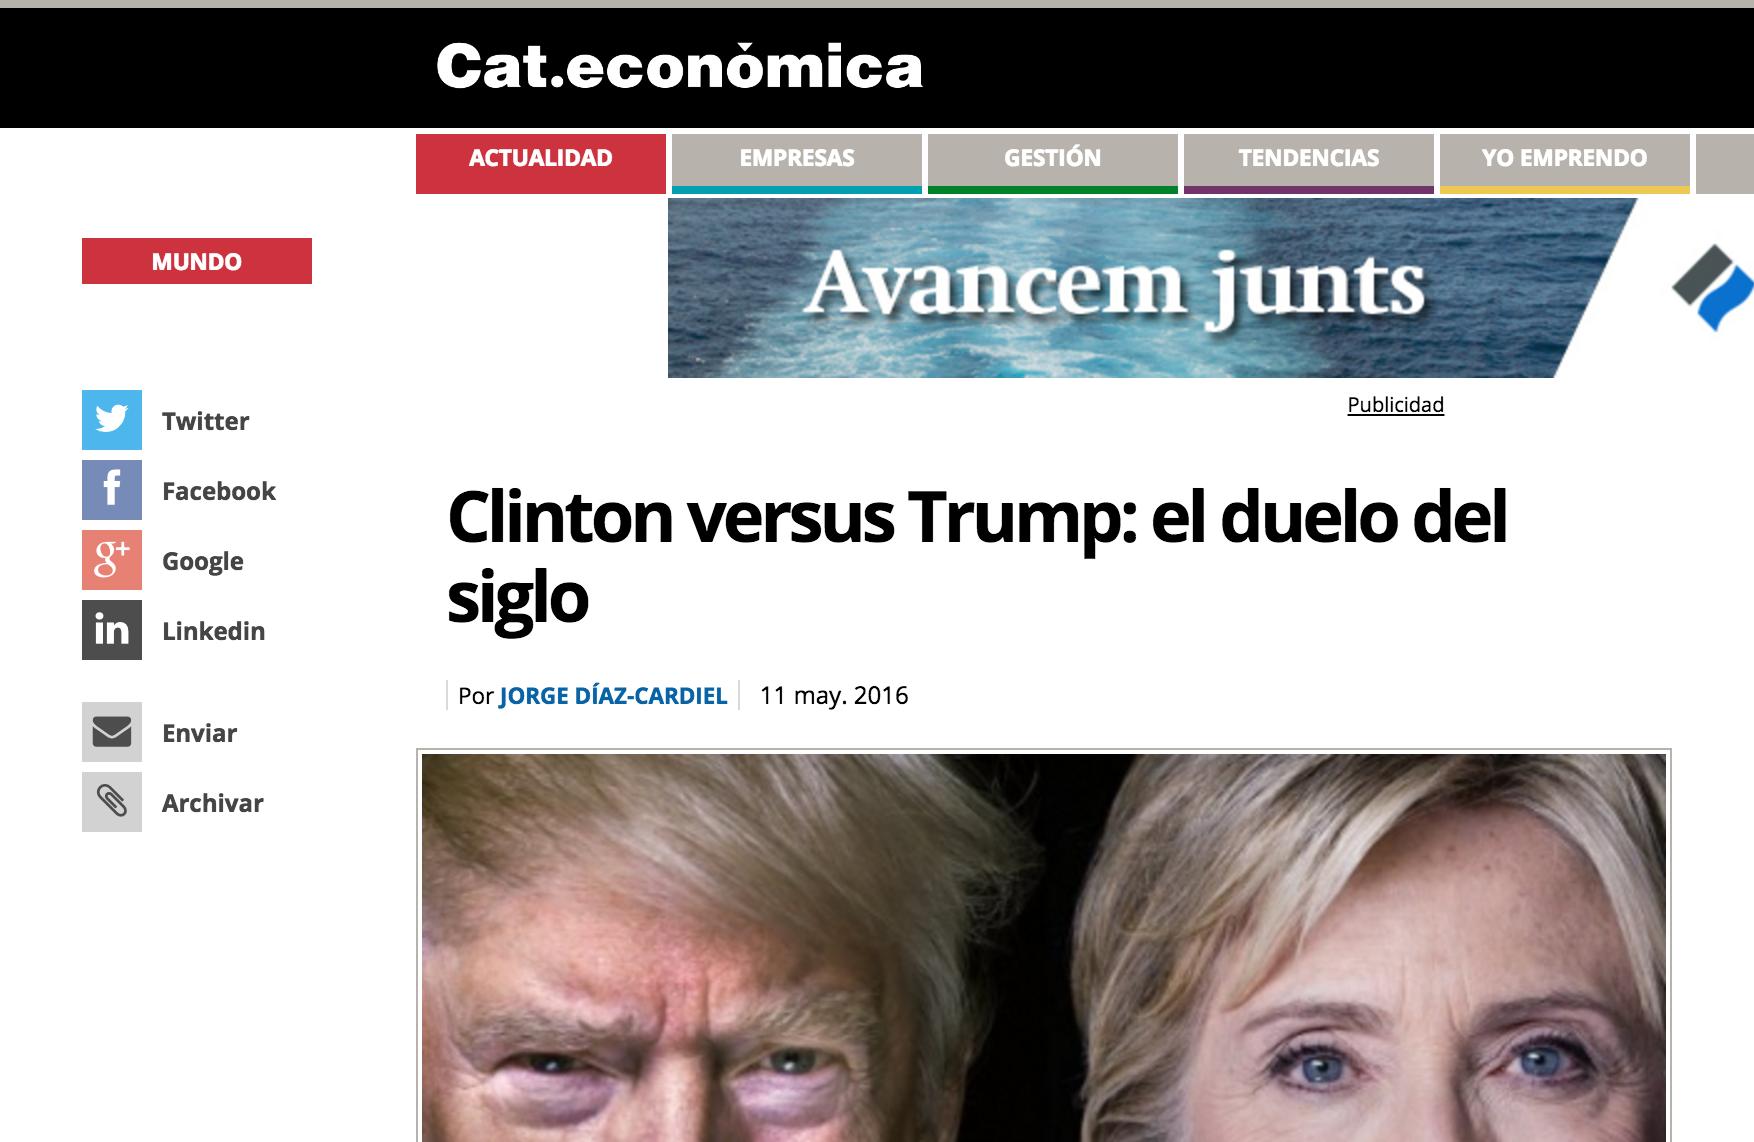 Artículo de Jorge Díaz-Cardiel en 'Cataluña Económica'